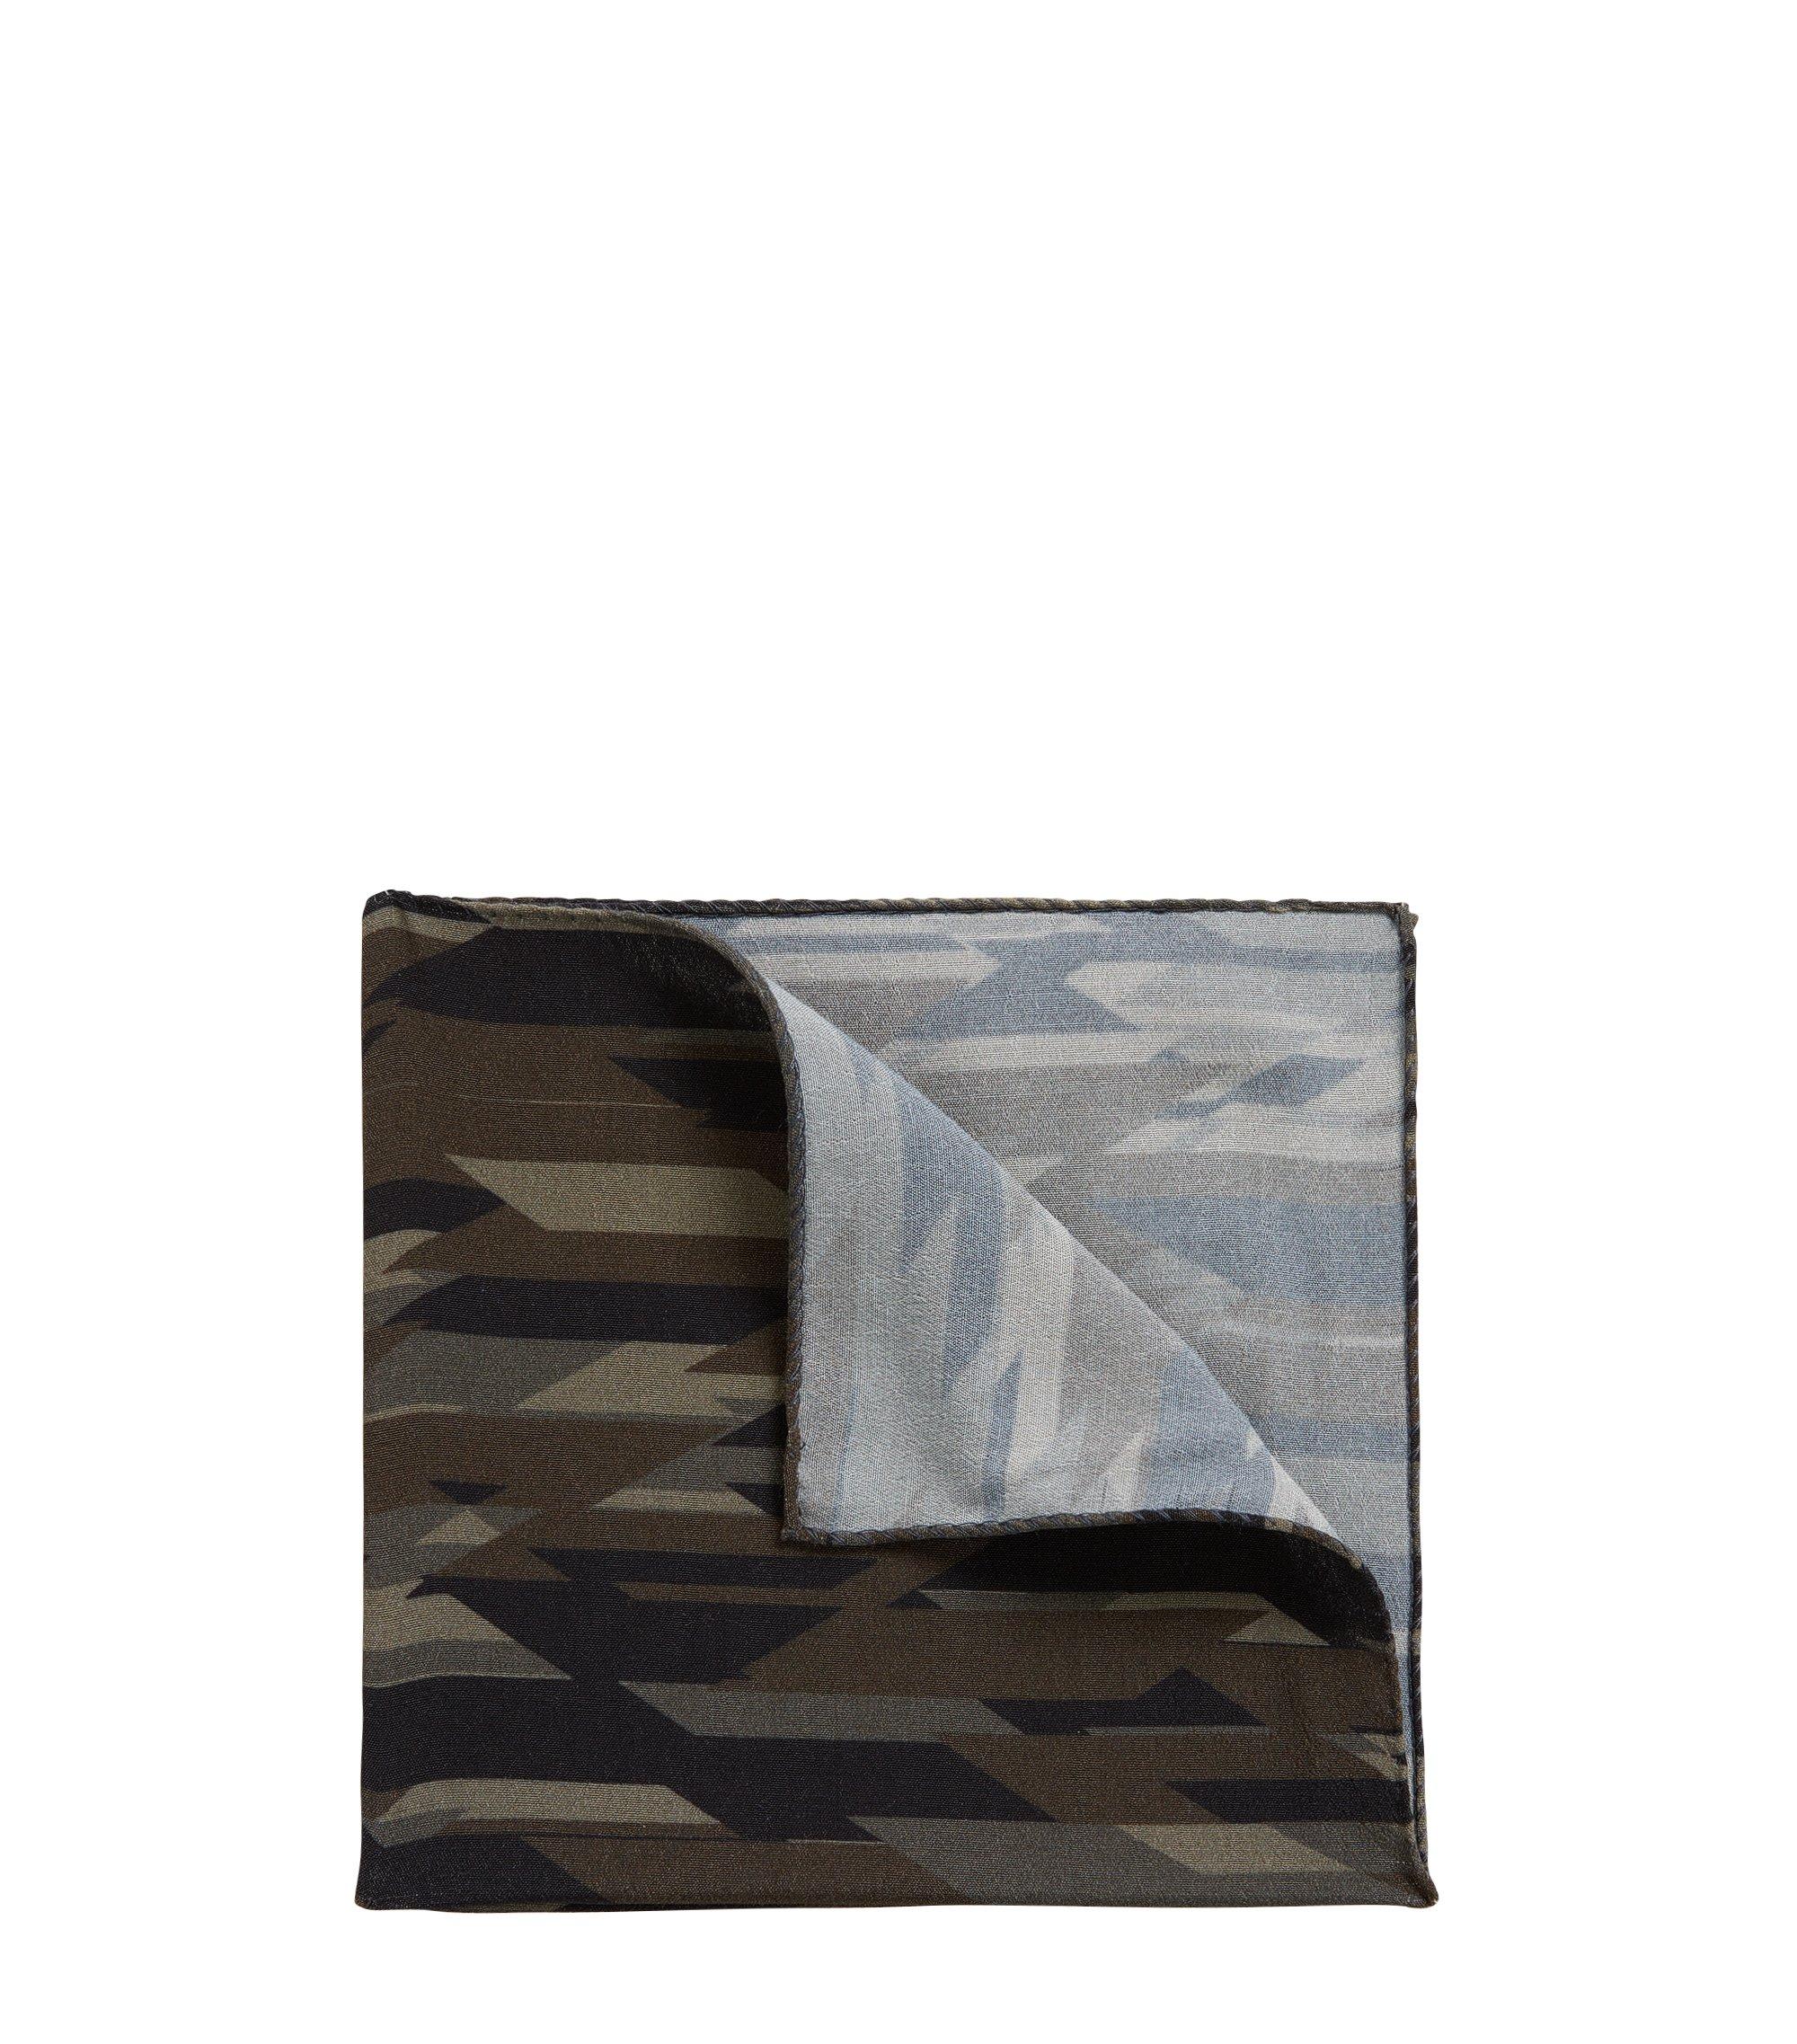 Pochette da taschino con stampa camouflage, Verde scuro